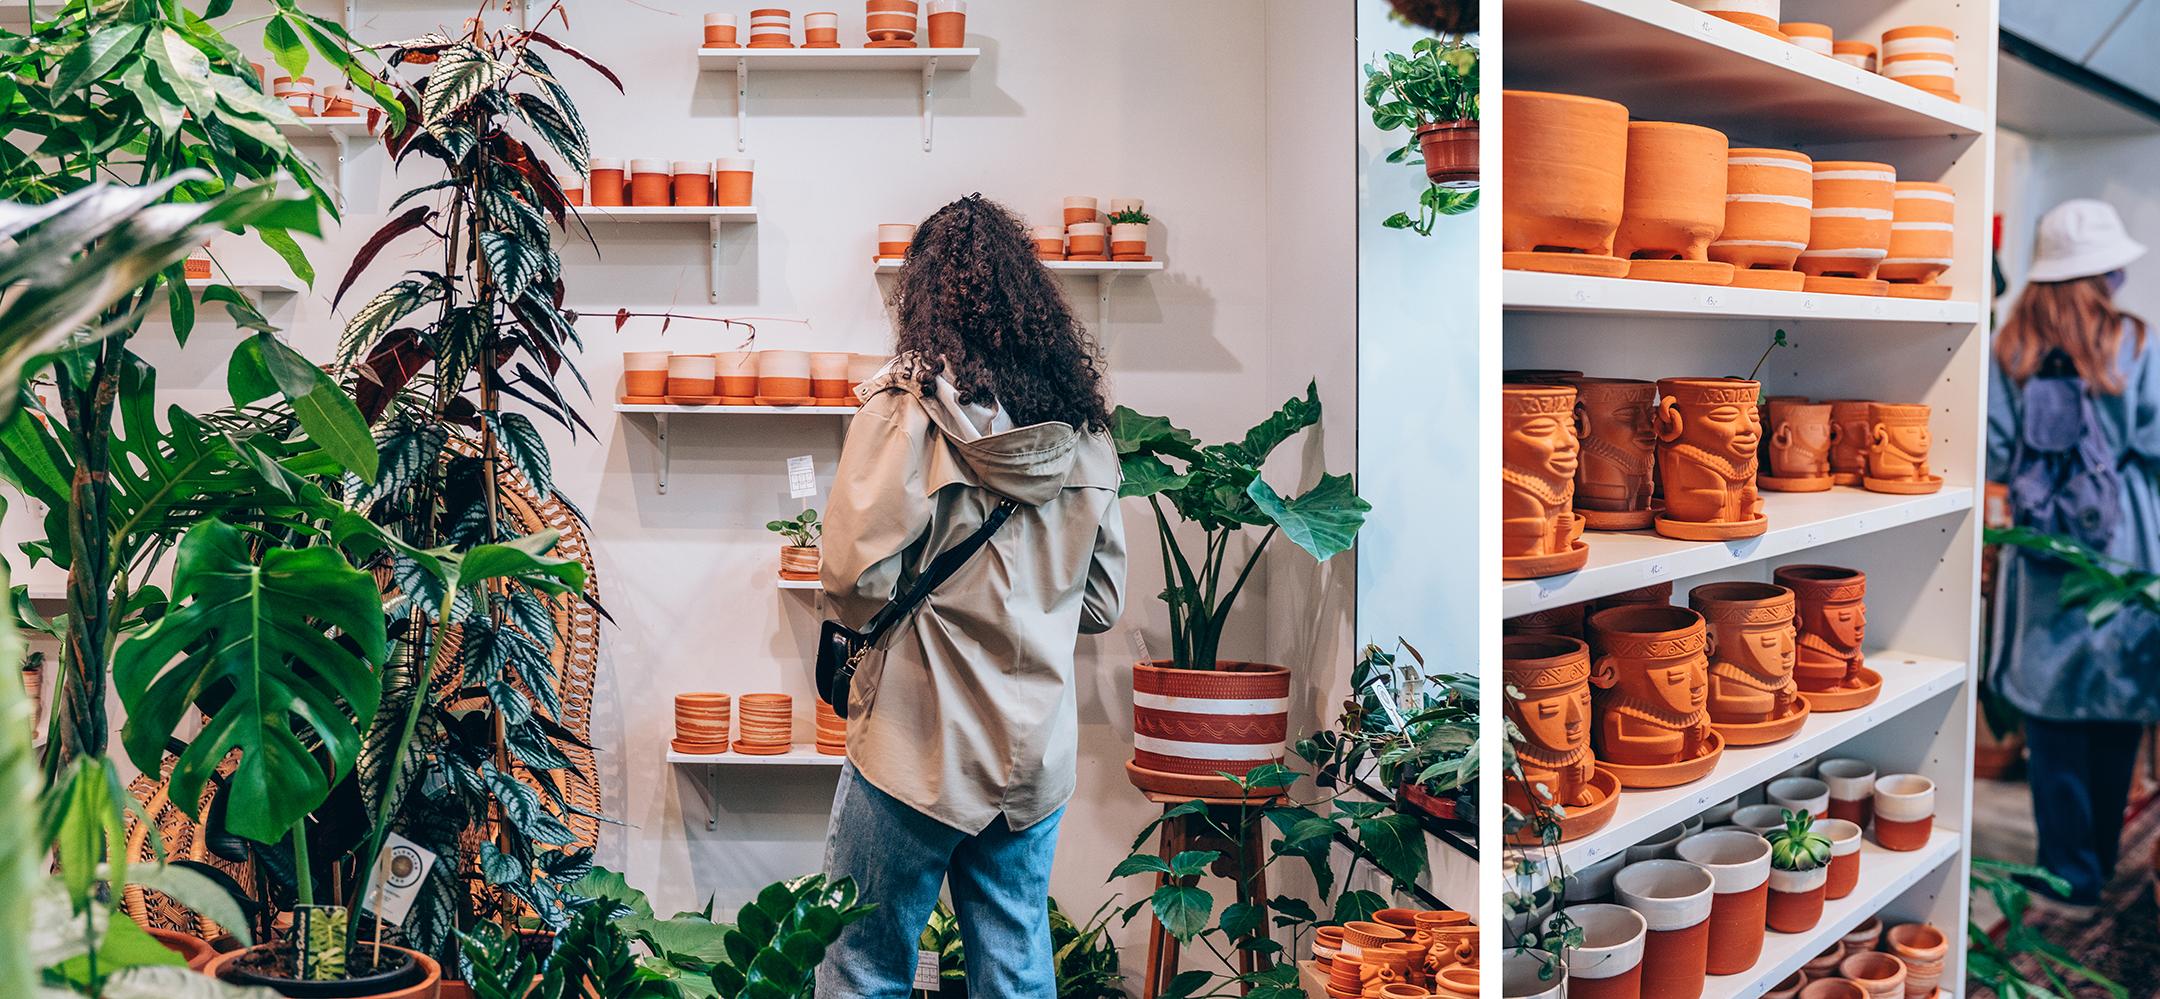 Colombian Boho shop à Teskaffee, Gand - pots en terre cuite